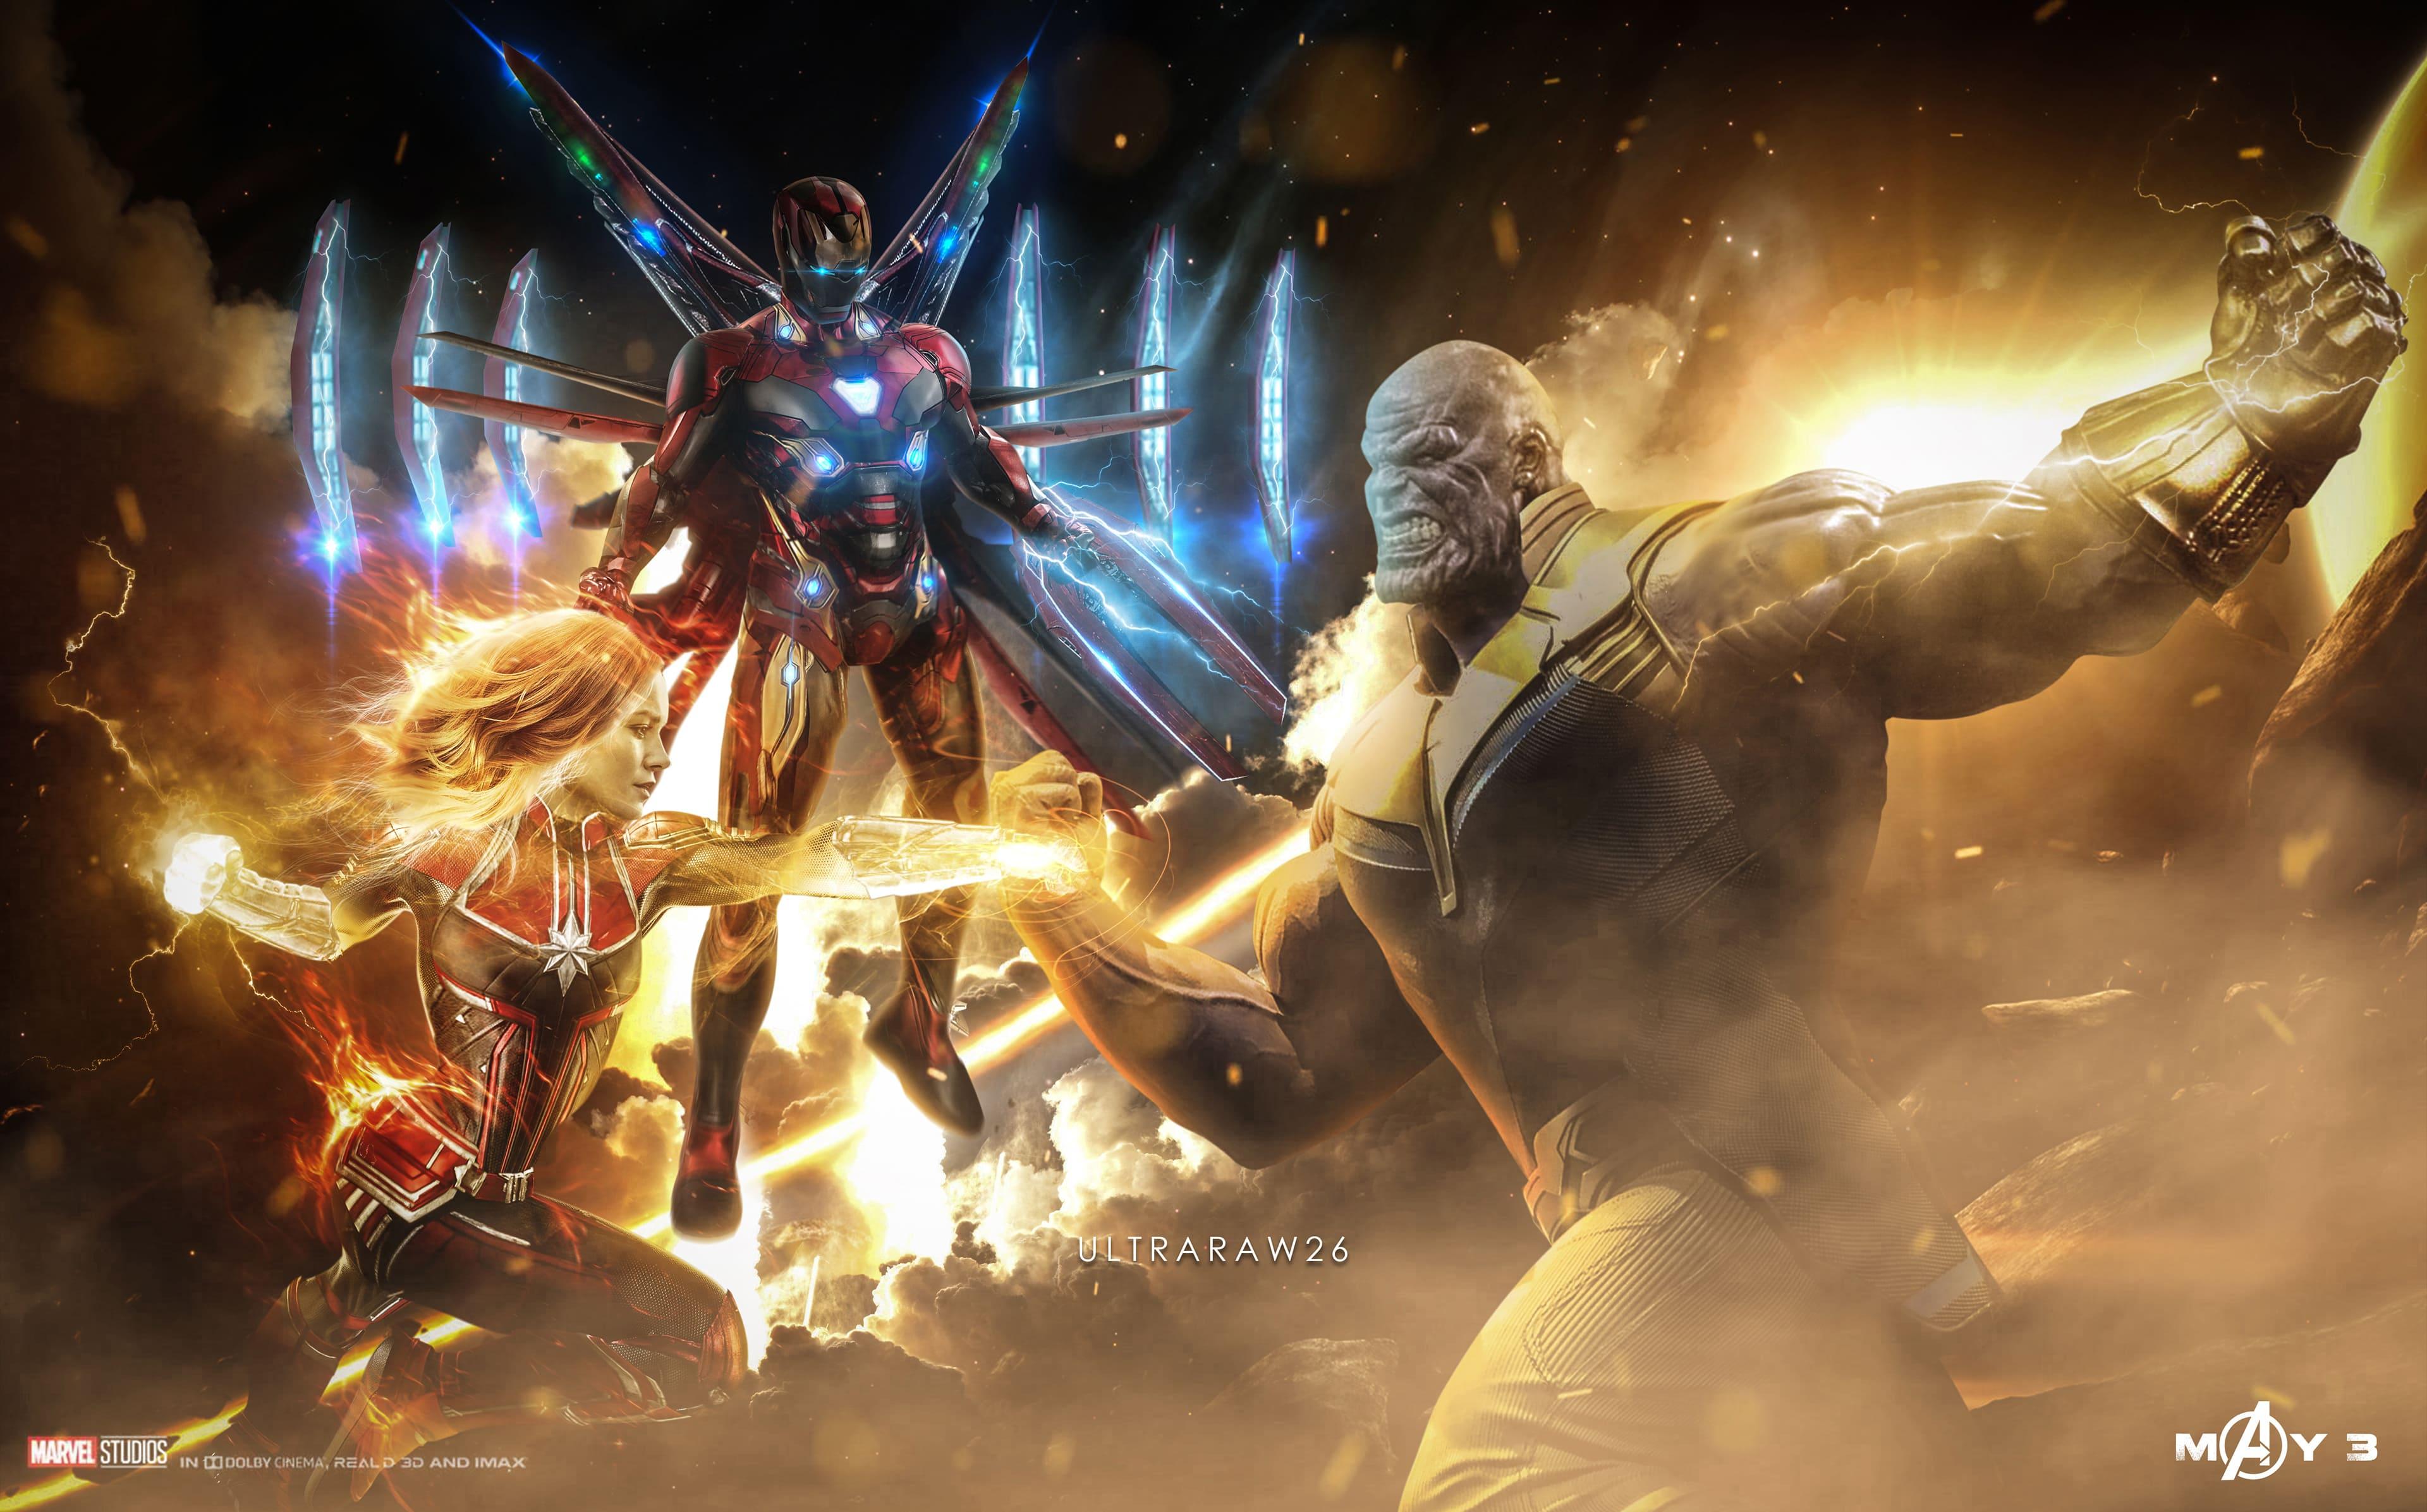 Мстители финал картинки на рабочий стол, avengers endgame ultra hd 4k, 3840 на 2393 пикселей